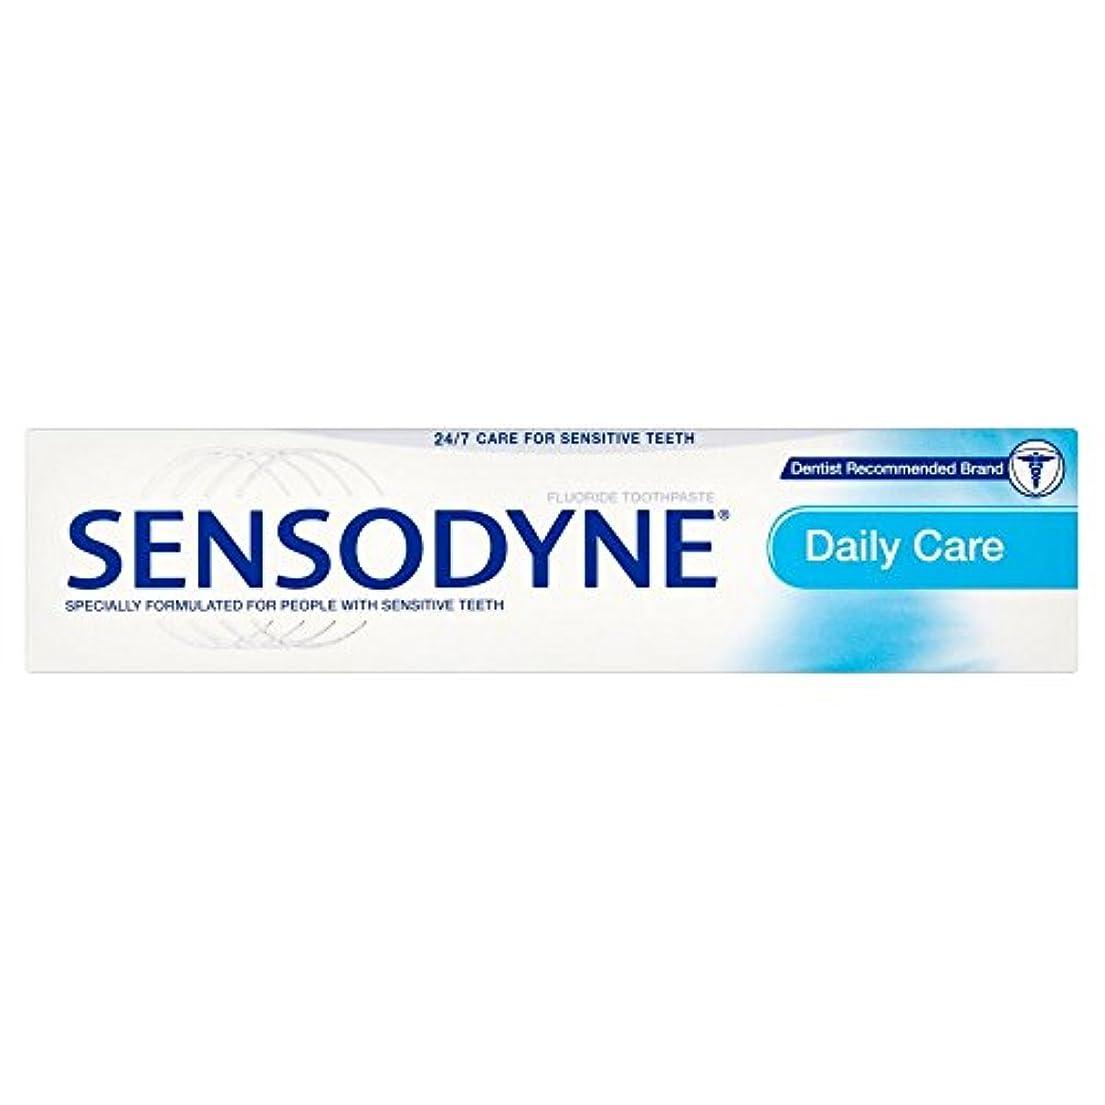 北東飲料キャンペーンSensodyne Daily Care Fluoride Toothpaste (75ml) Sensodyne毎日のケアフッ化物歯磨き粉( 75ミリリットル) [並行輸入品]